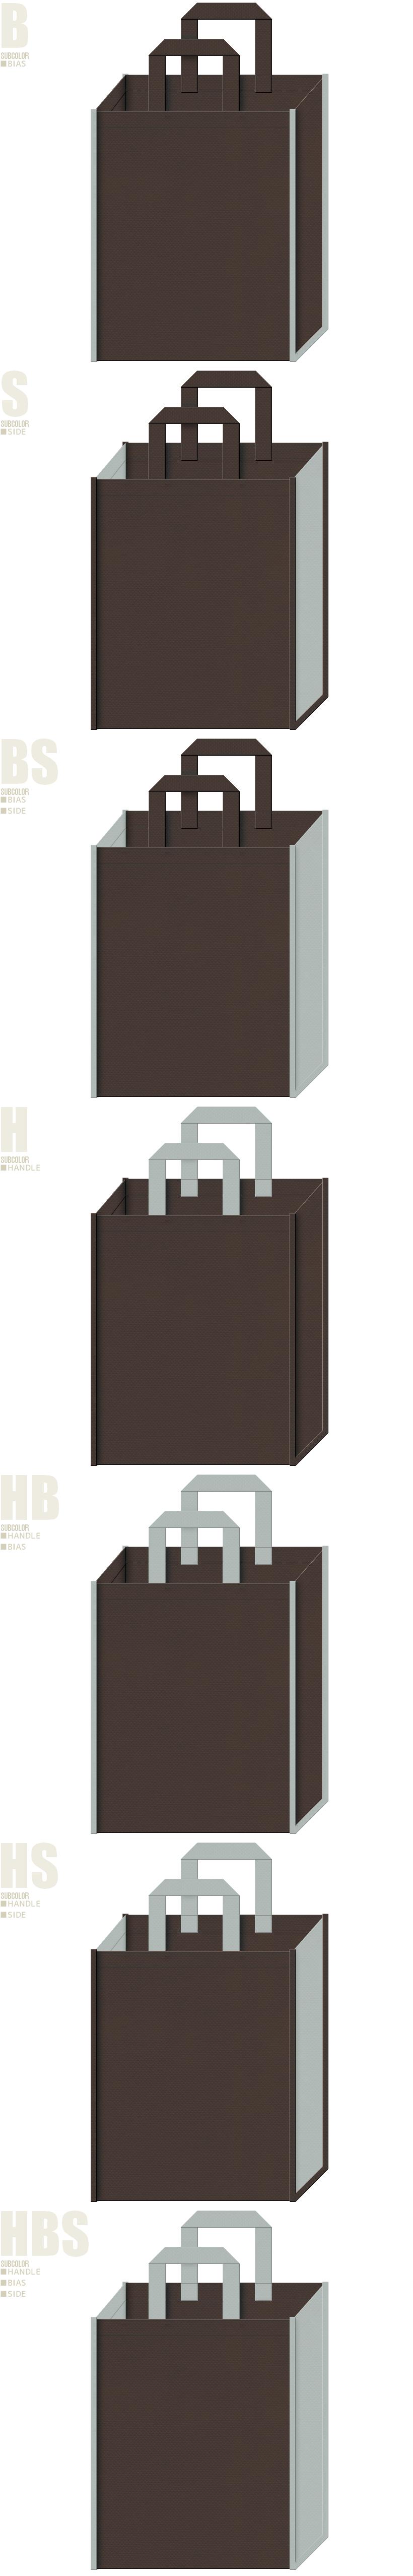 マンション・オフィスビル・デベロッパー・ビルメンテナンス・建築・設計・図面・什器・店舗インテリア・エクステリア・事務用品の展示会用バッグにお奨めの不織布バッグデザイン:こげ茶色とグレー色の配色7パターン